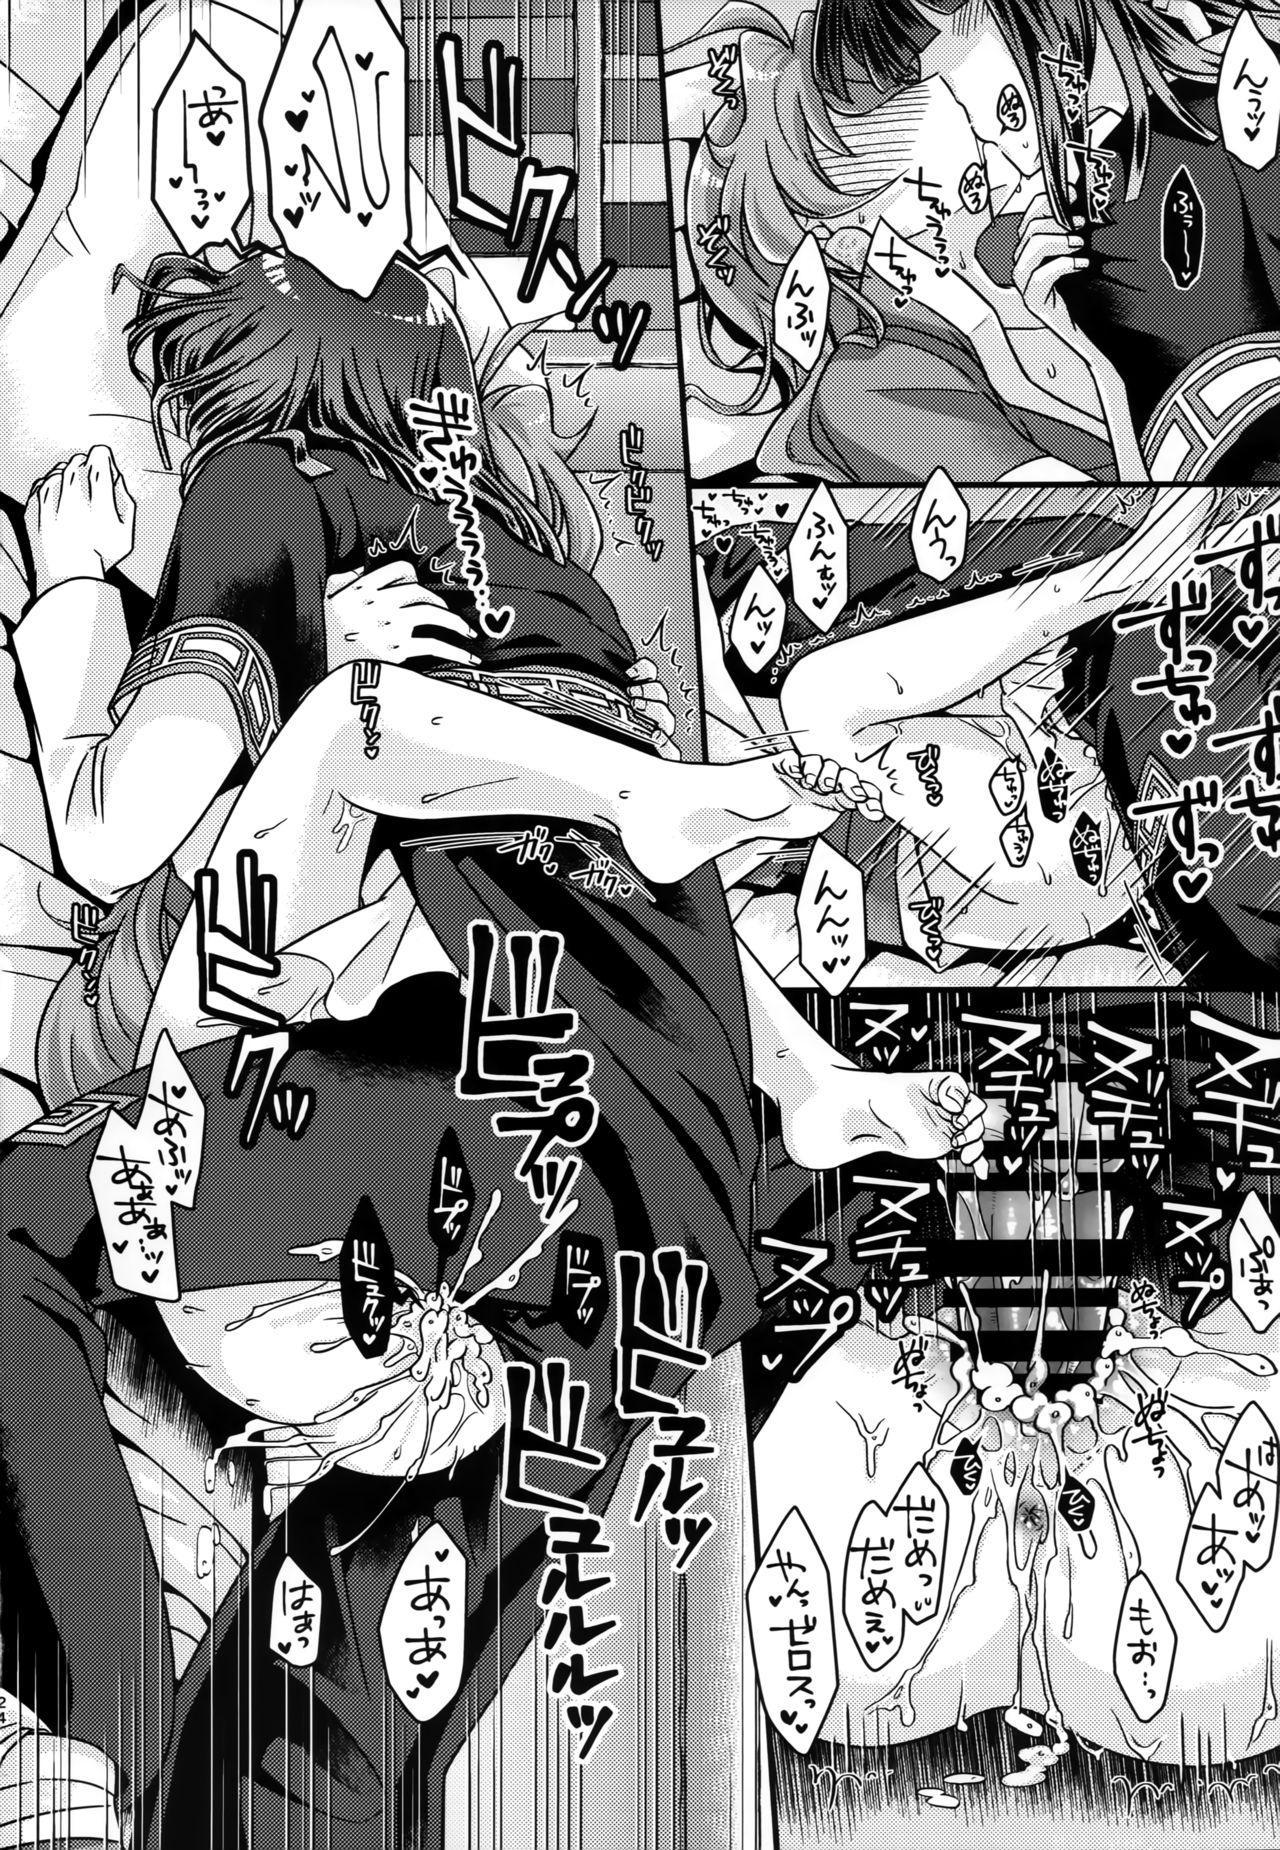 Lina-san ga Kawaii kara Shikatanai. 22